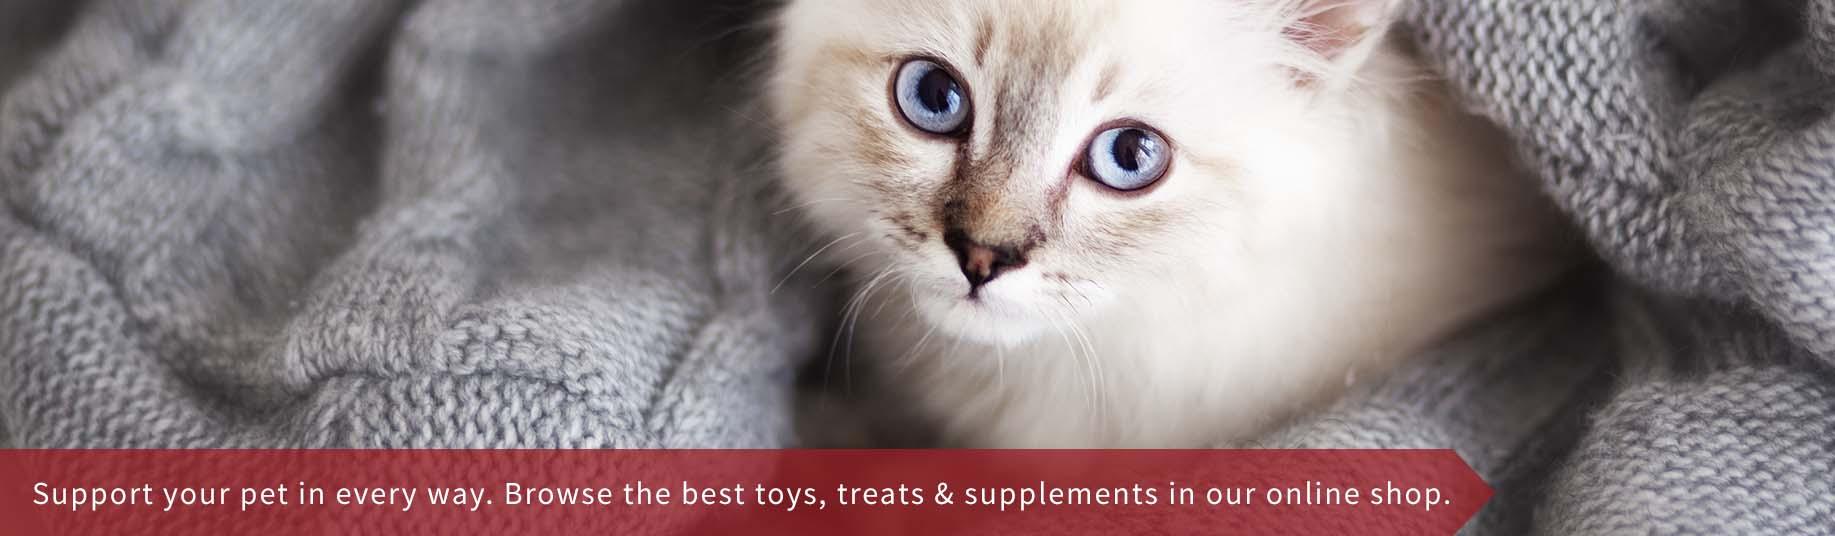 Woodbine Animal Clinic East Toronto Vet Clinic Cat Slider